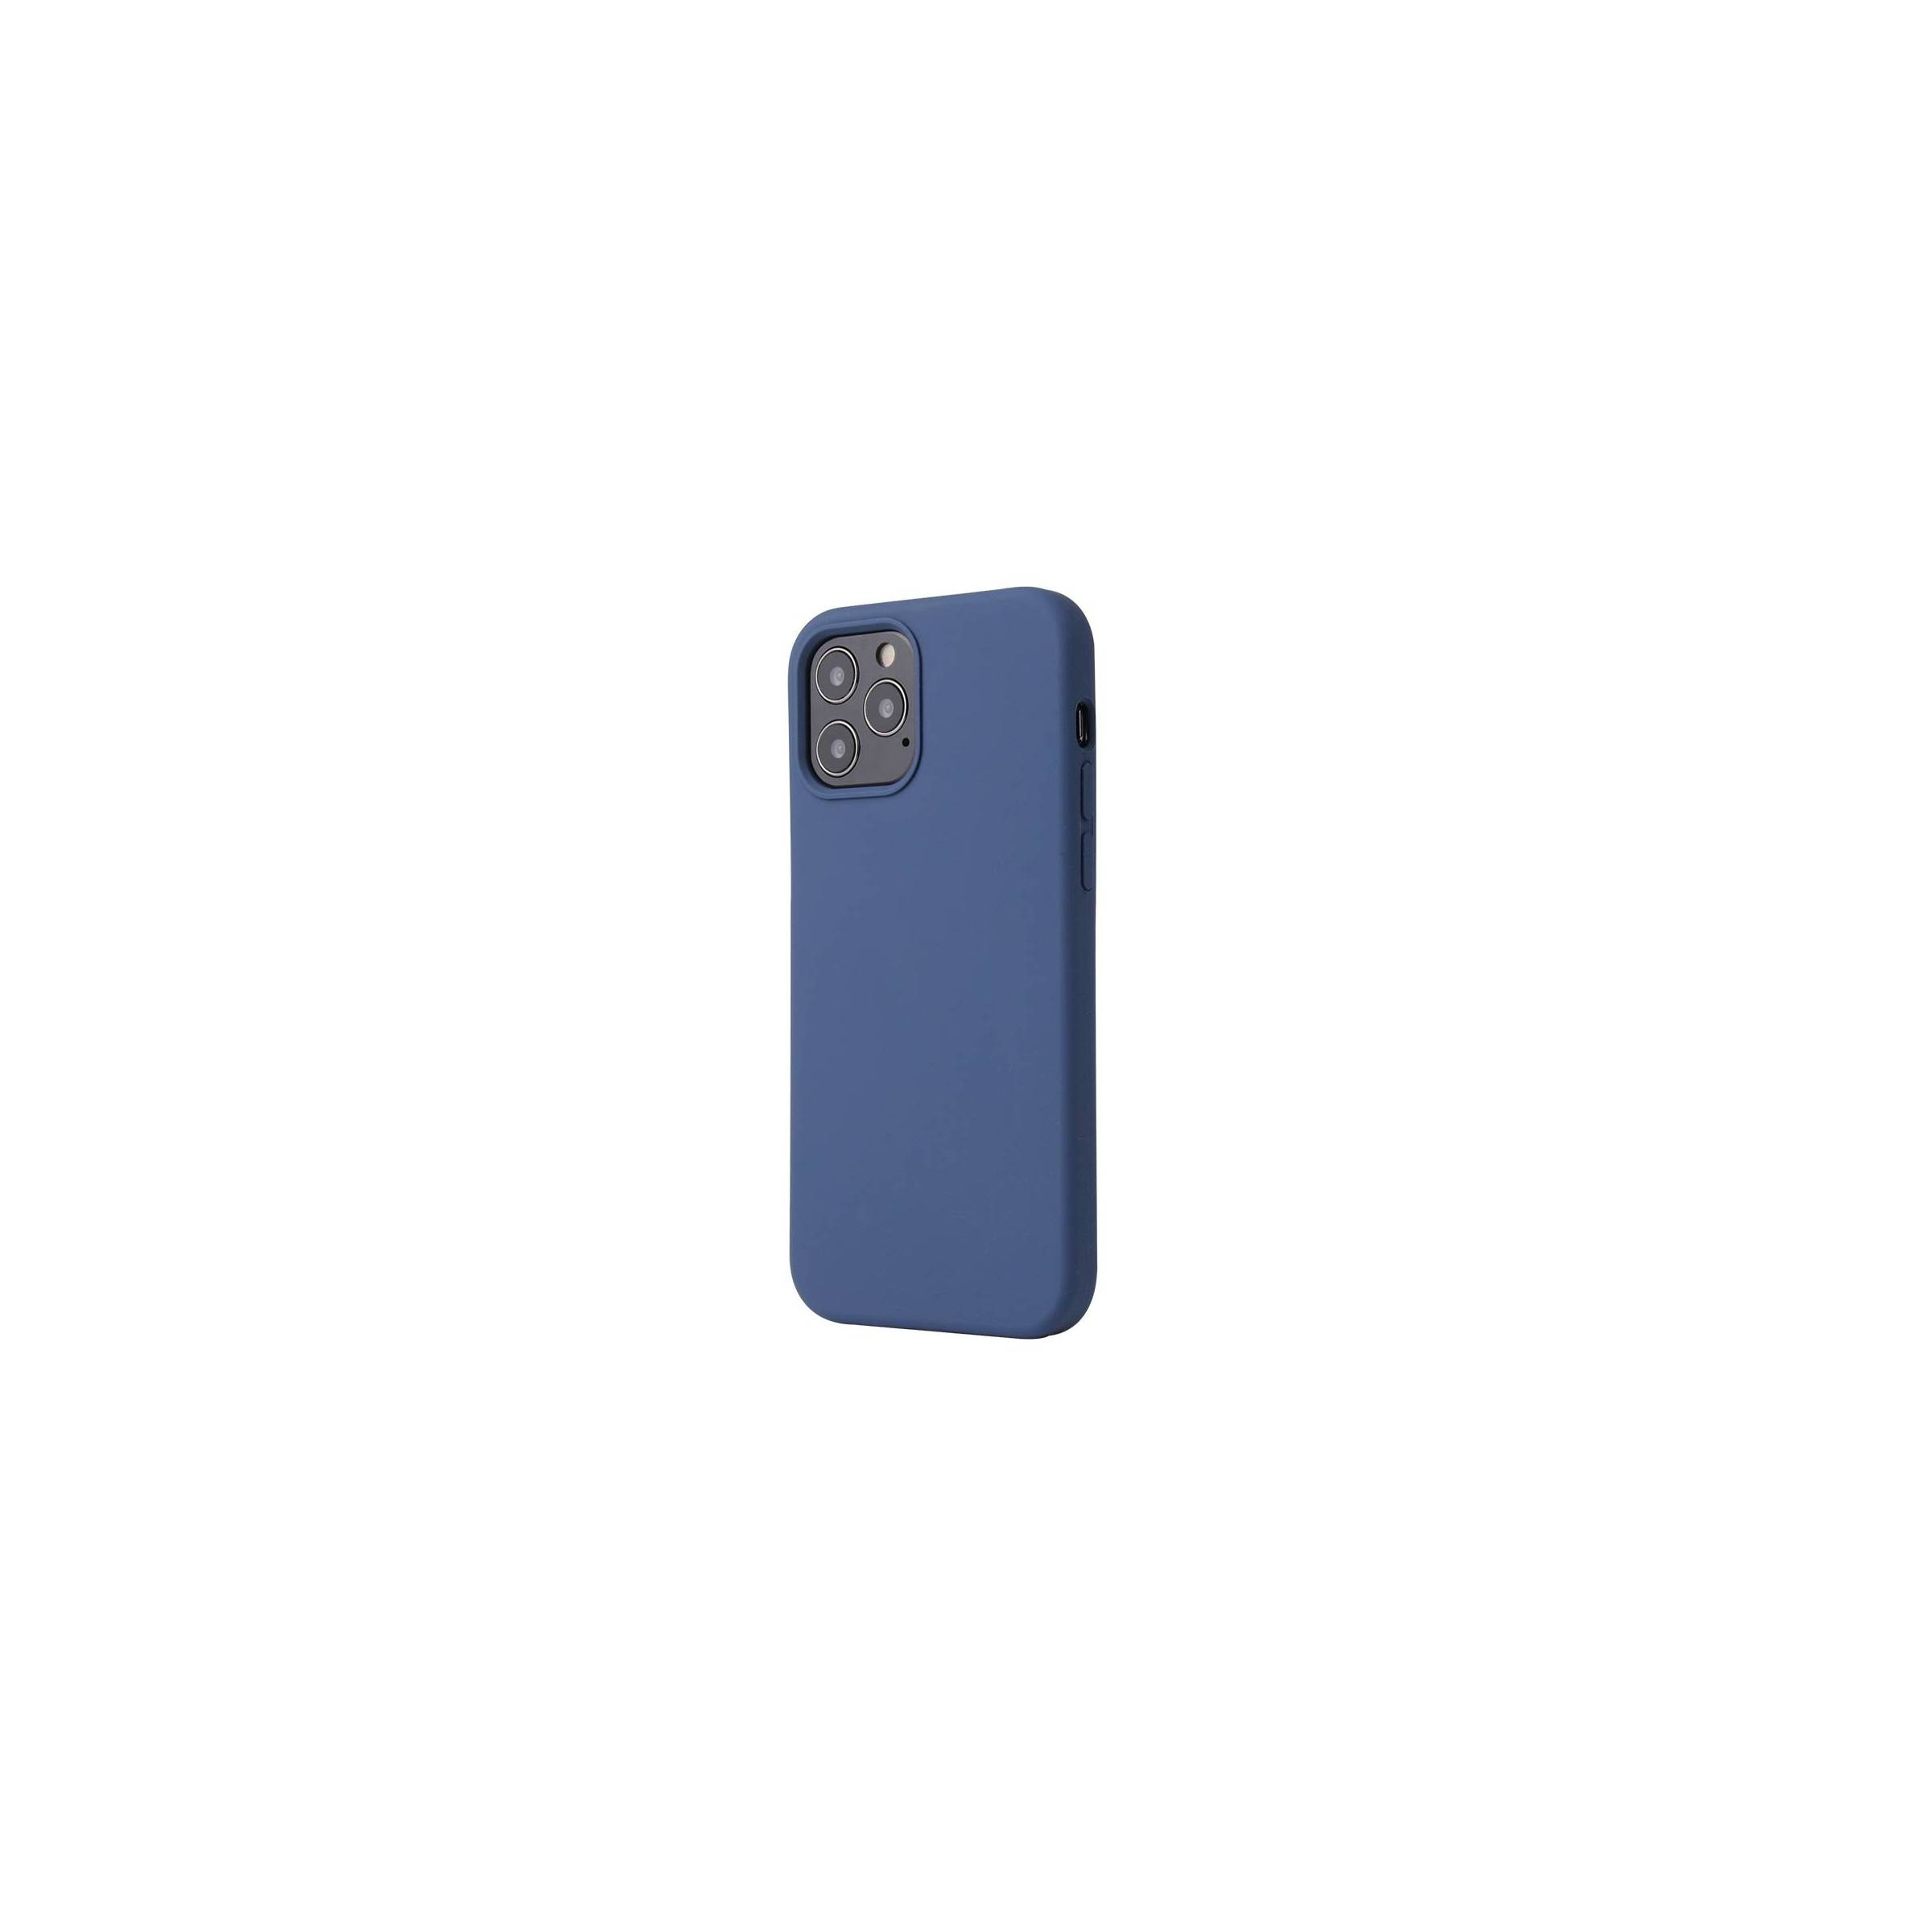 """kina oem – Lækkert iphone 12 pro/ 12 silikone cover 6,1"""" flere farver farve blå på mackabler.dk"""